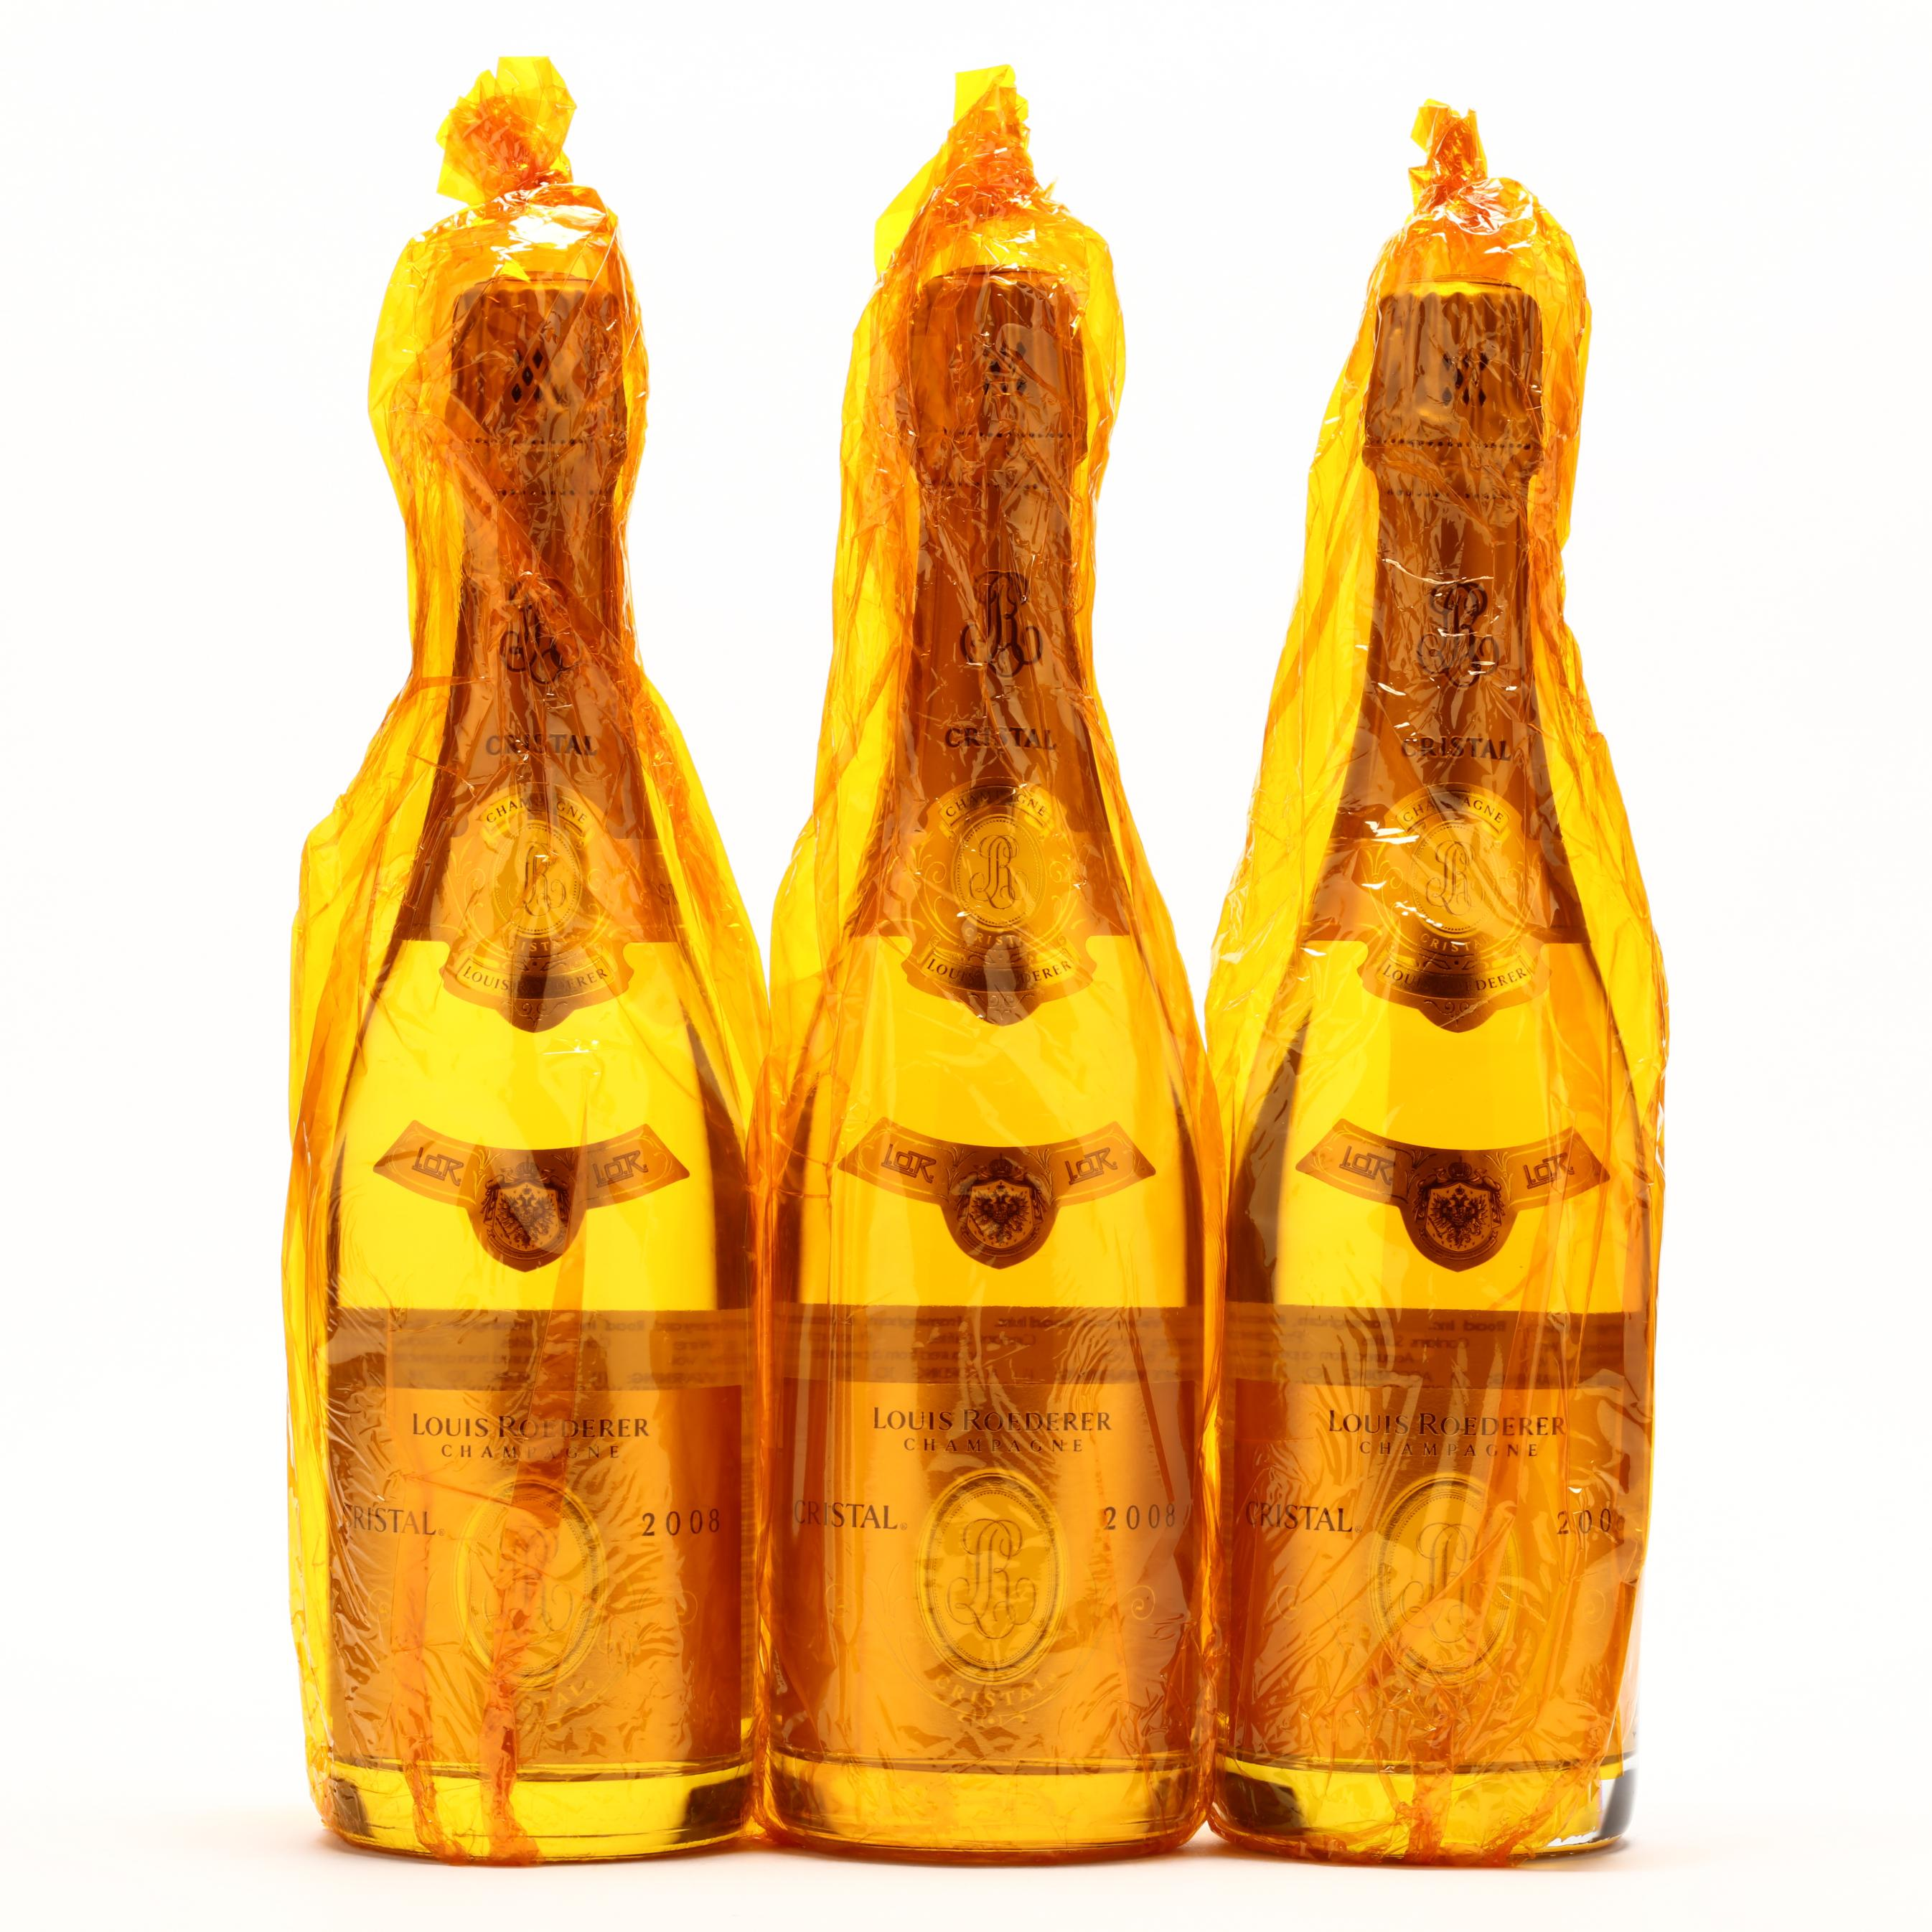 louis-roederer-champagne-vintage-2008